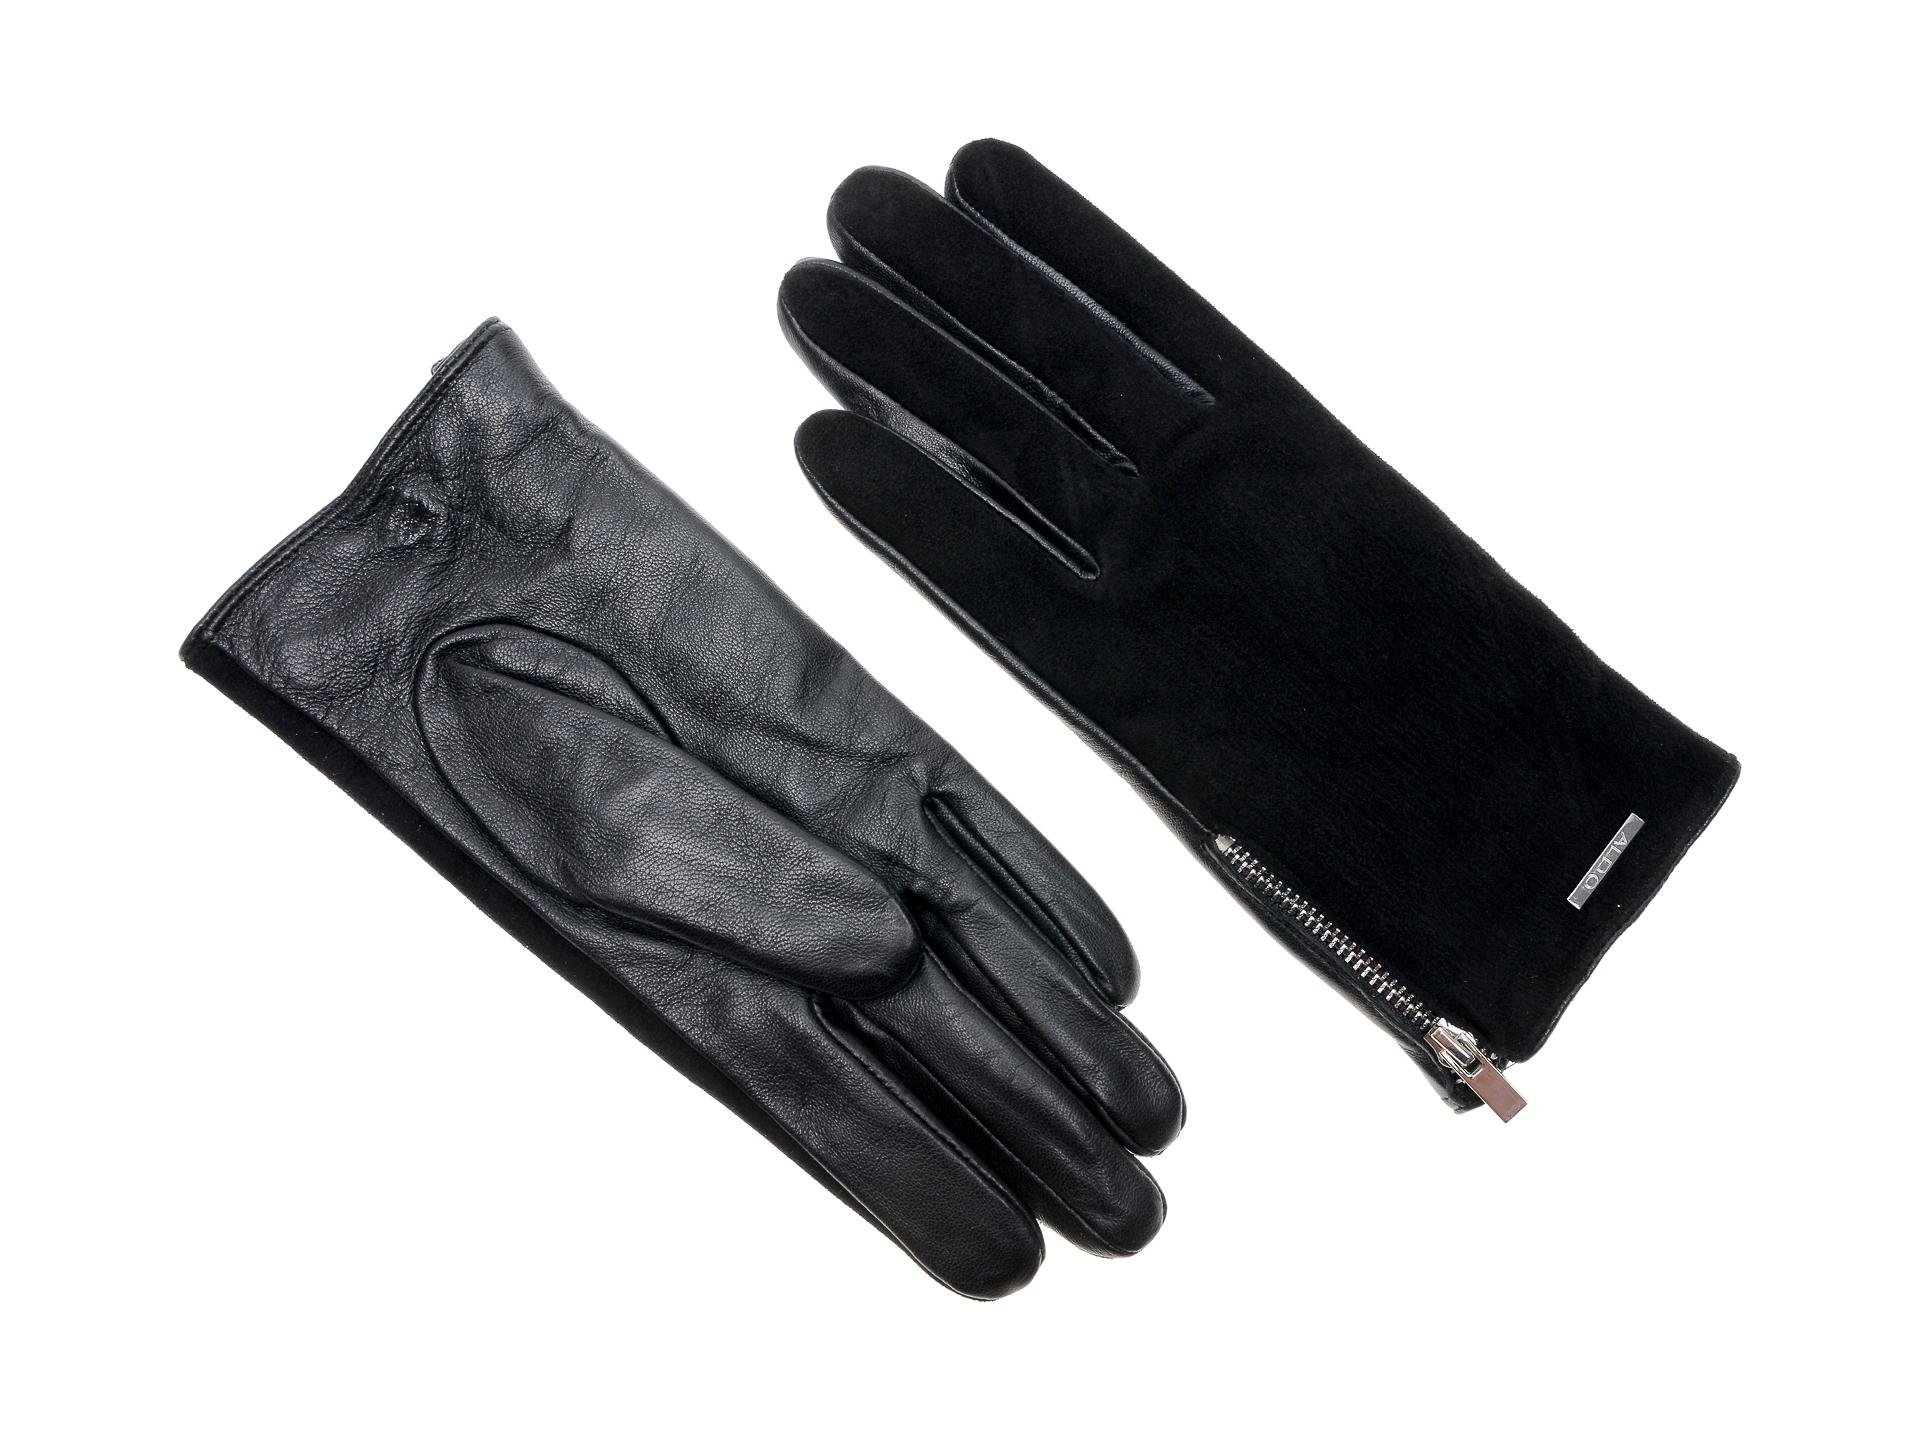 Manusi ALDO negre, Foinia001, din piele ecologica imagine